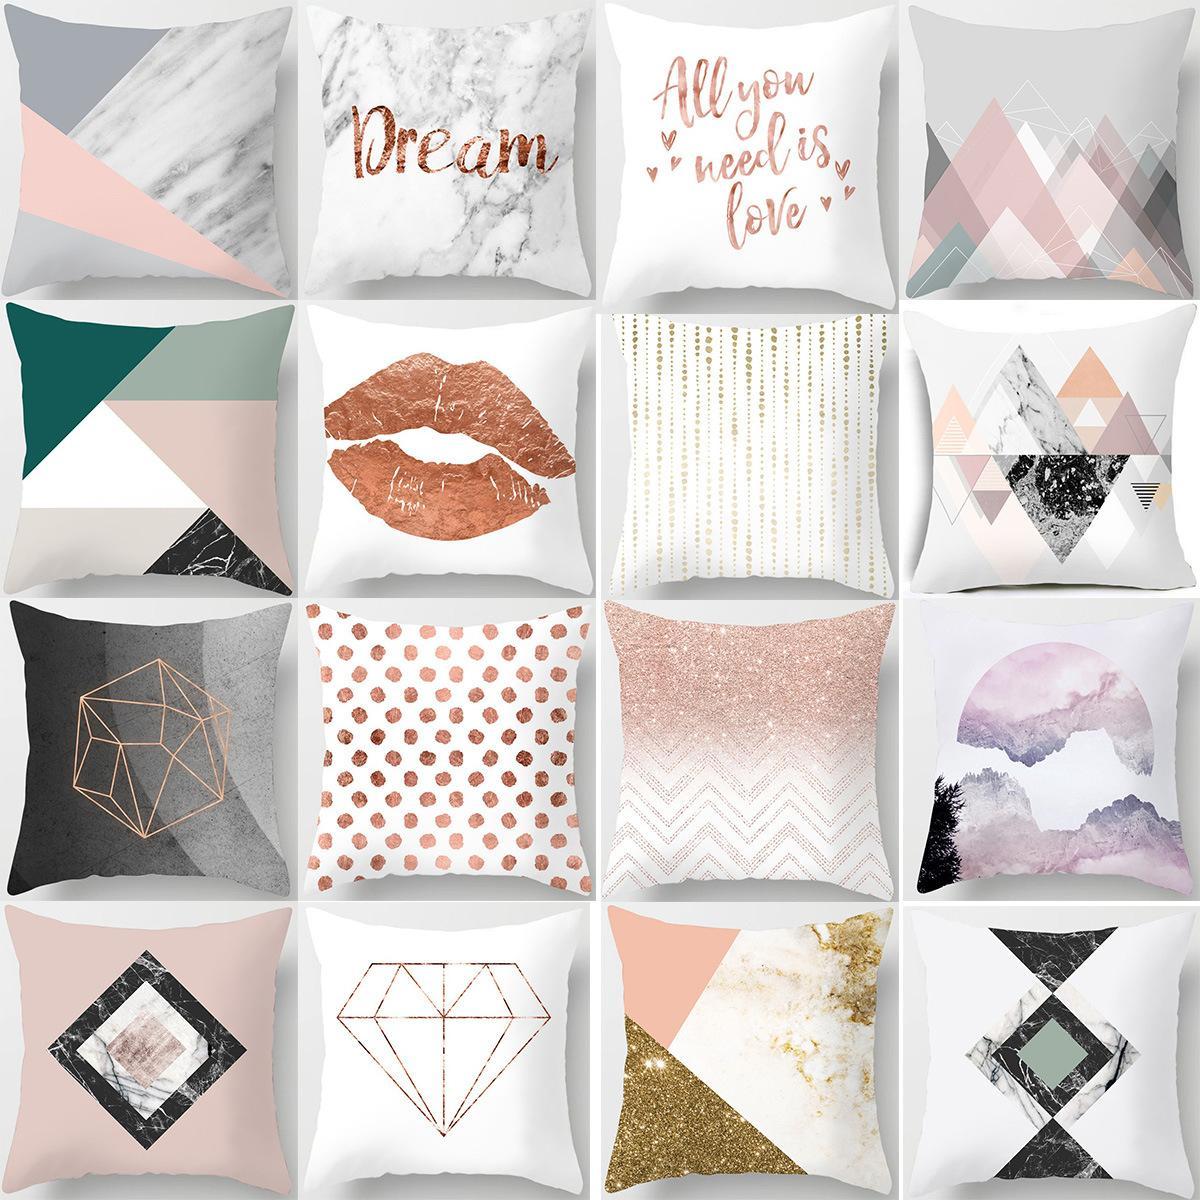 18 Stiller Modern Stil Yastık Kış Dekoru Mikro-Fibe Yastık Kapakları Kanepe Atmak Yastık Kılıfı Yastık Kapakları 45 * 45 cm L-0015 Kapakları